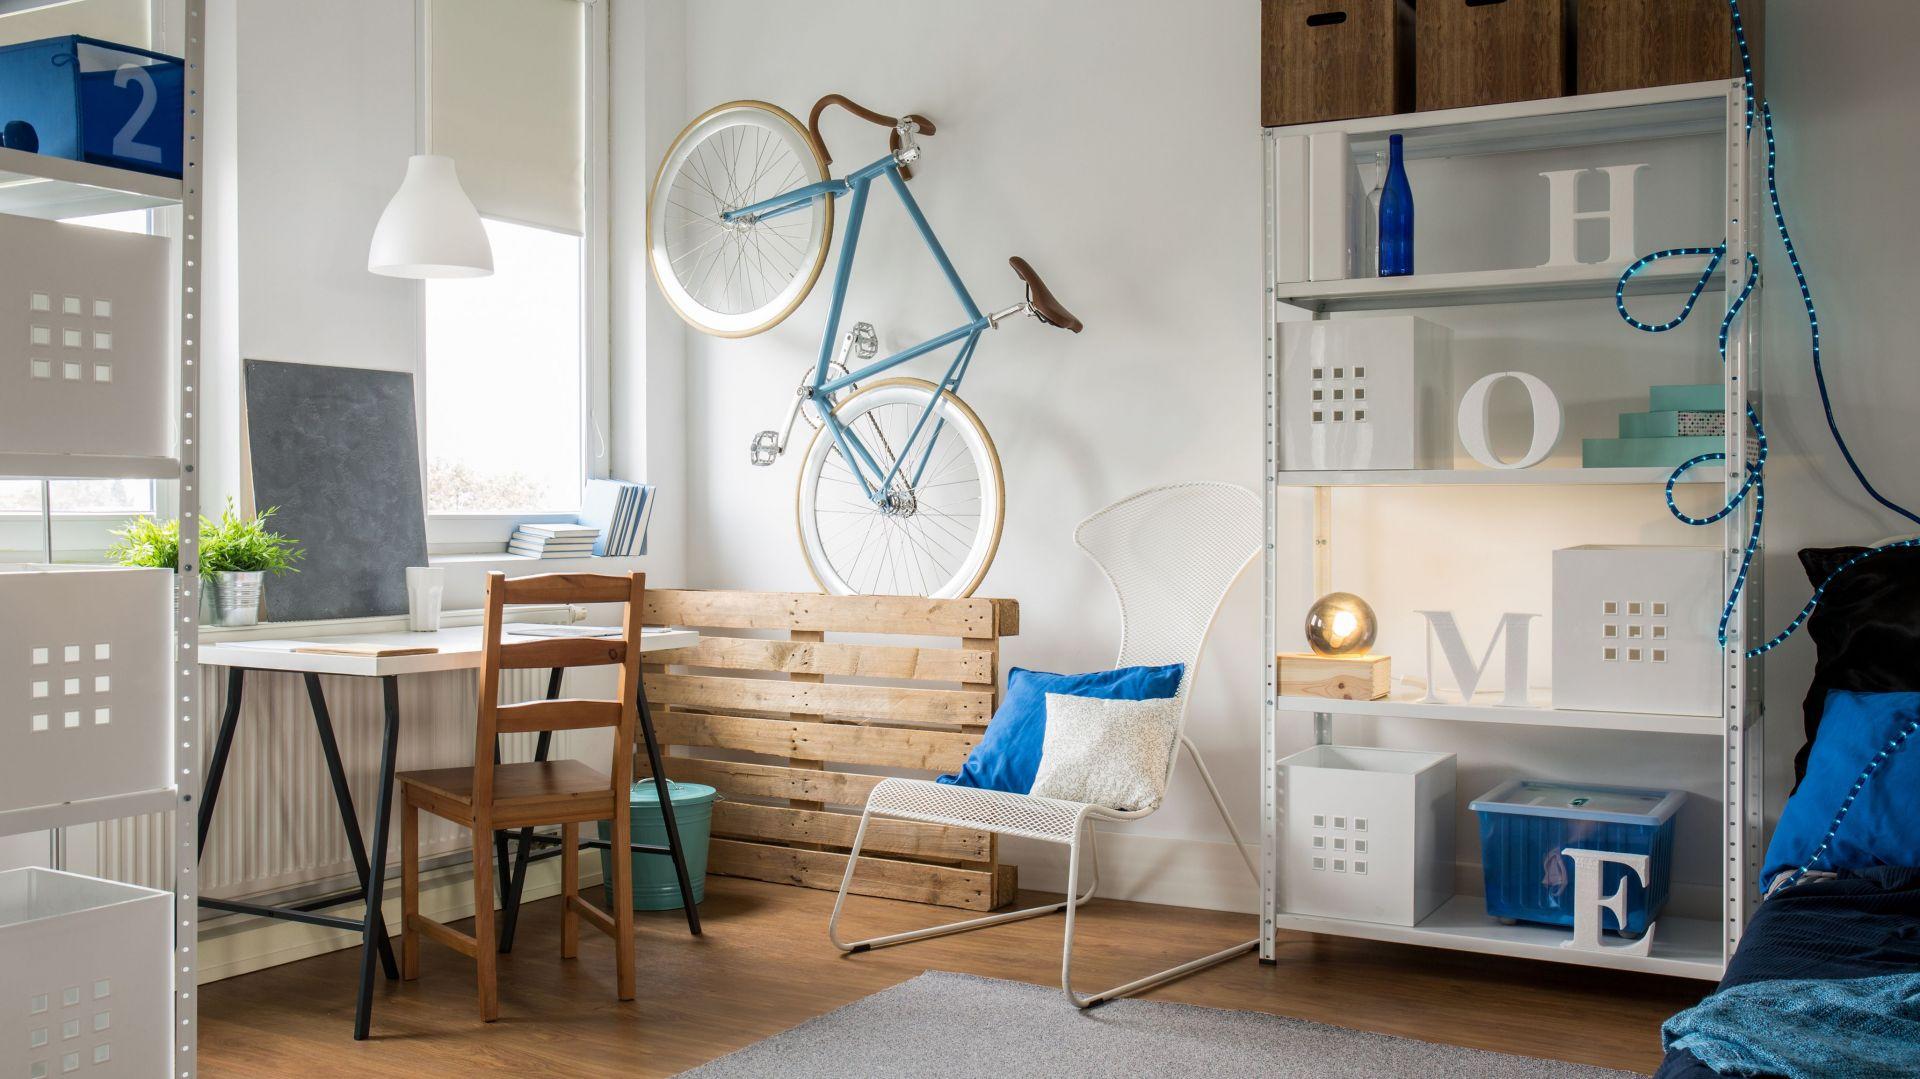 Prezentujemy 5 sposobów na urządzanie małych pomieszczeń, tak aby je optycznie powiększyć. Fot. Franc Gardiner